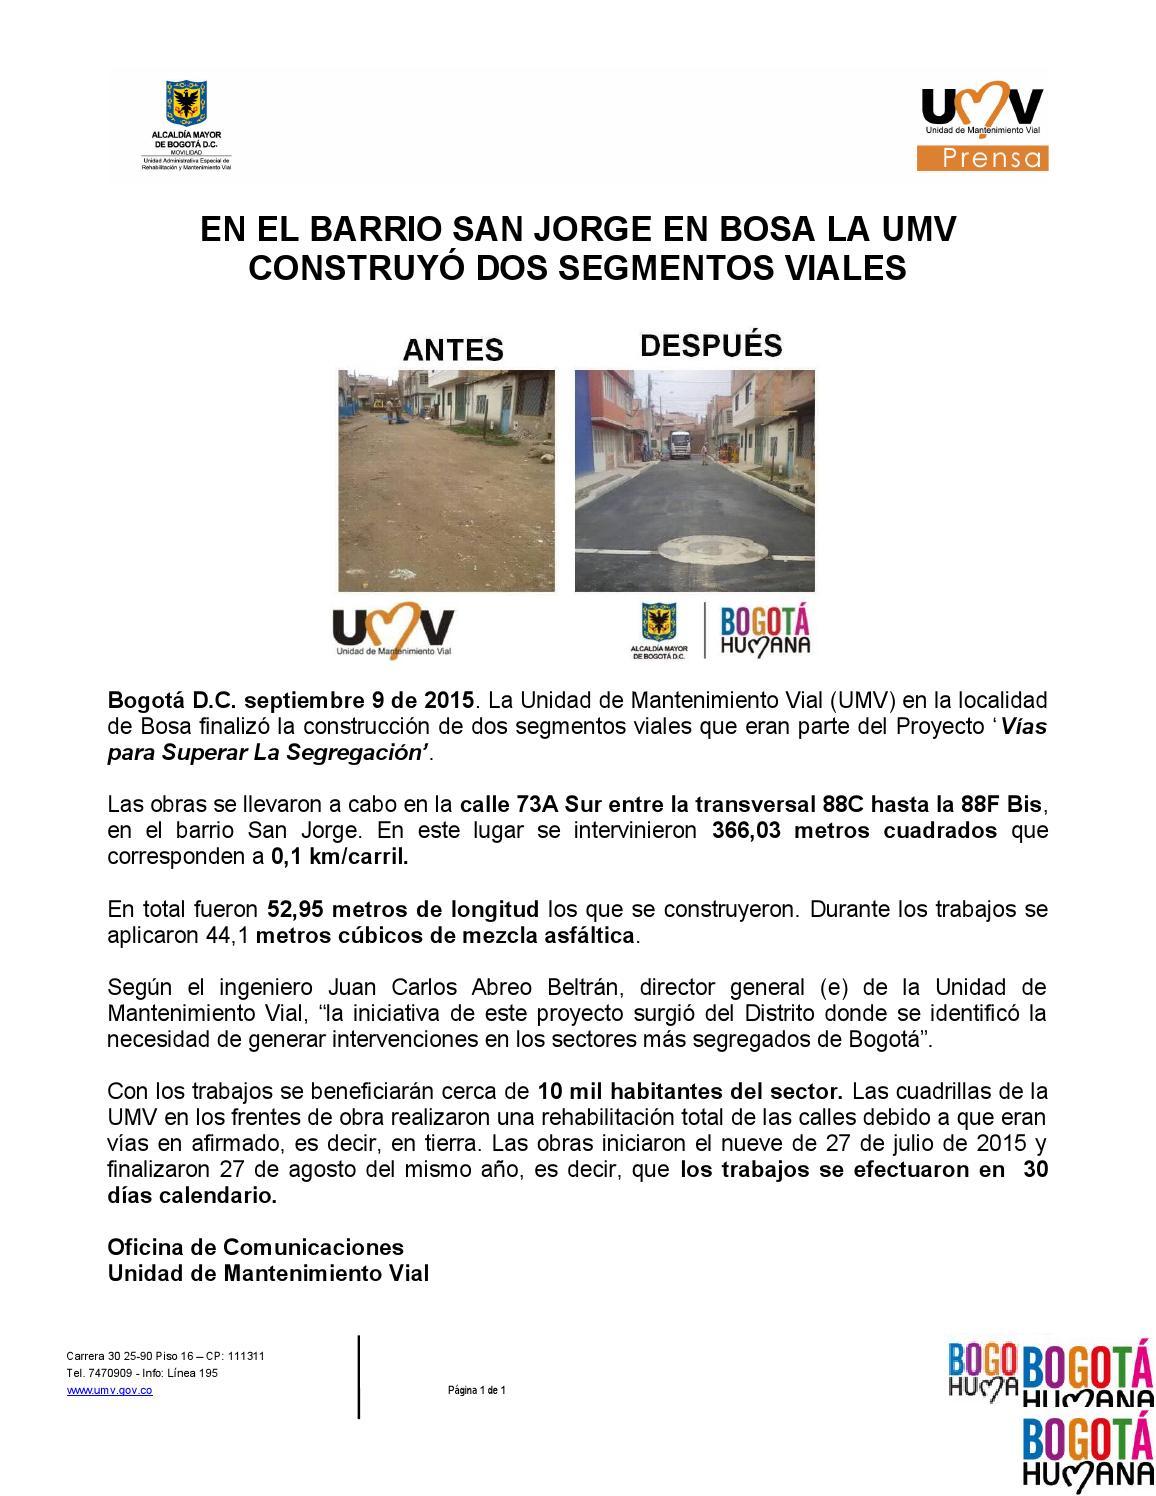 Umv Calendario.Septiembre 9 De 2015 En El Barrio San Jorge En Bosa La Umv